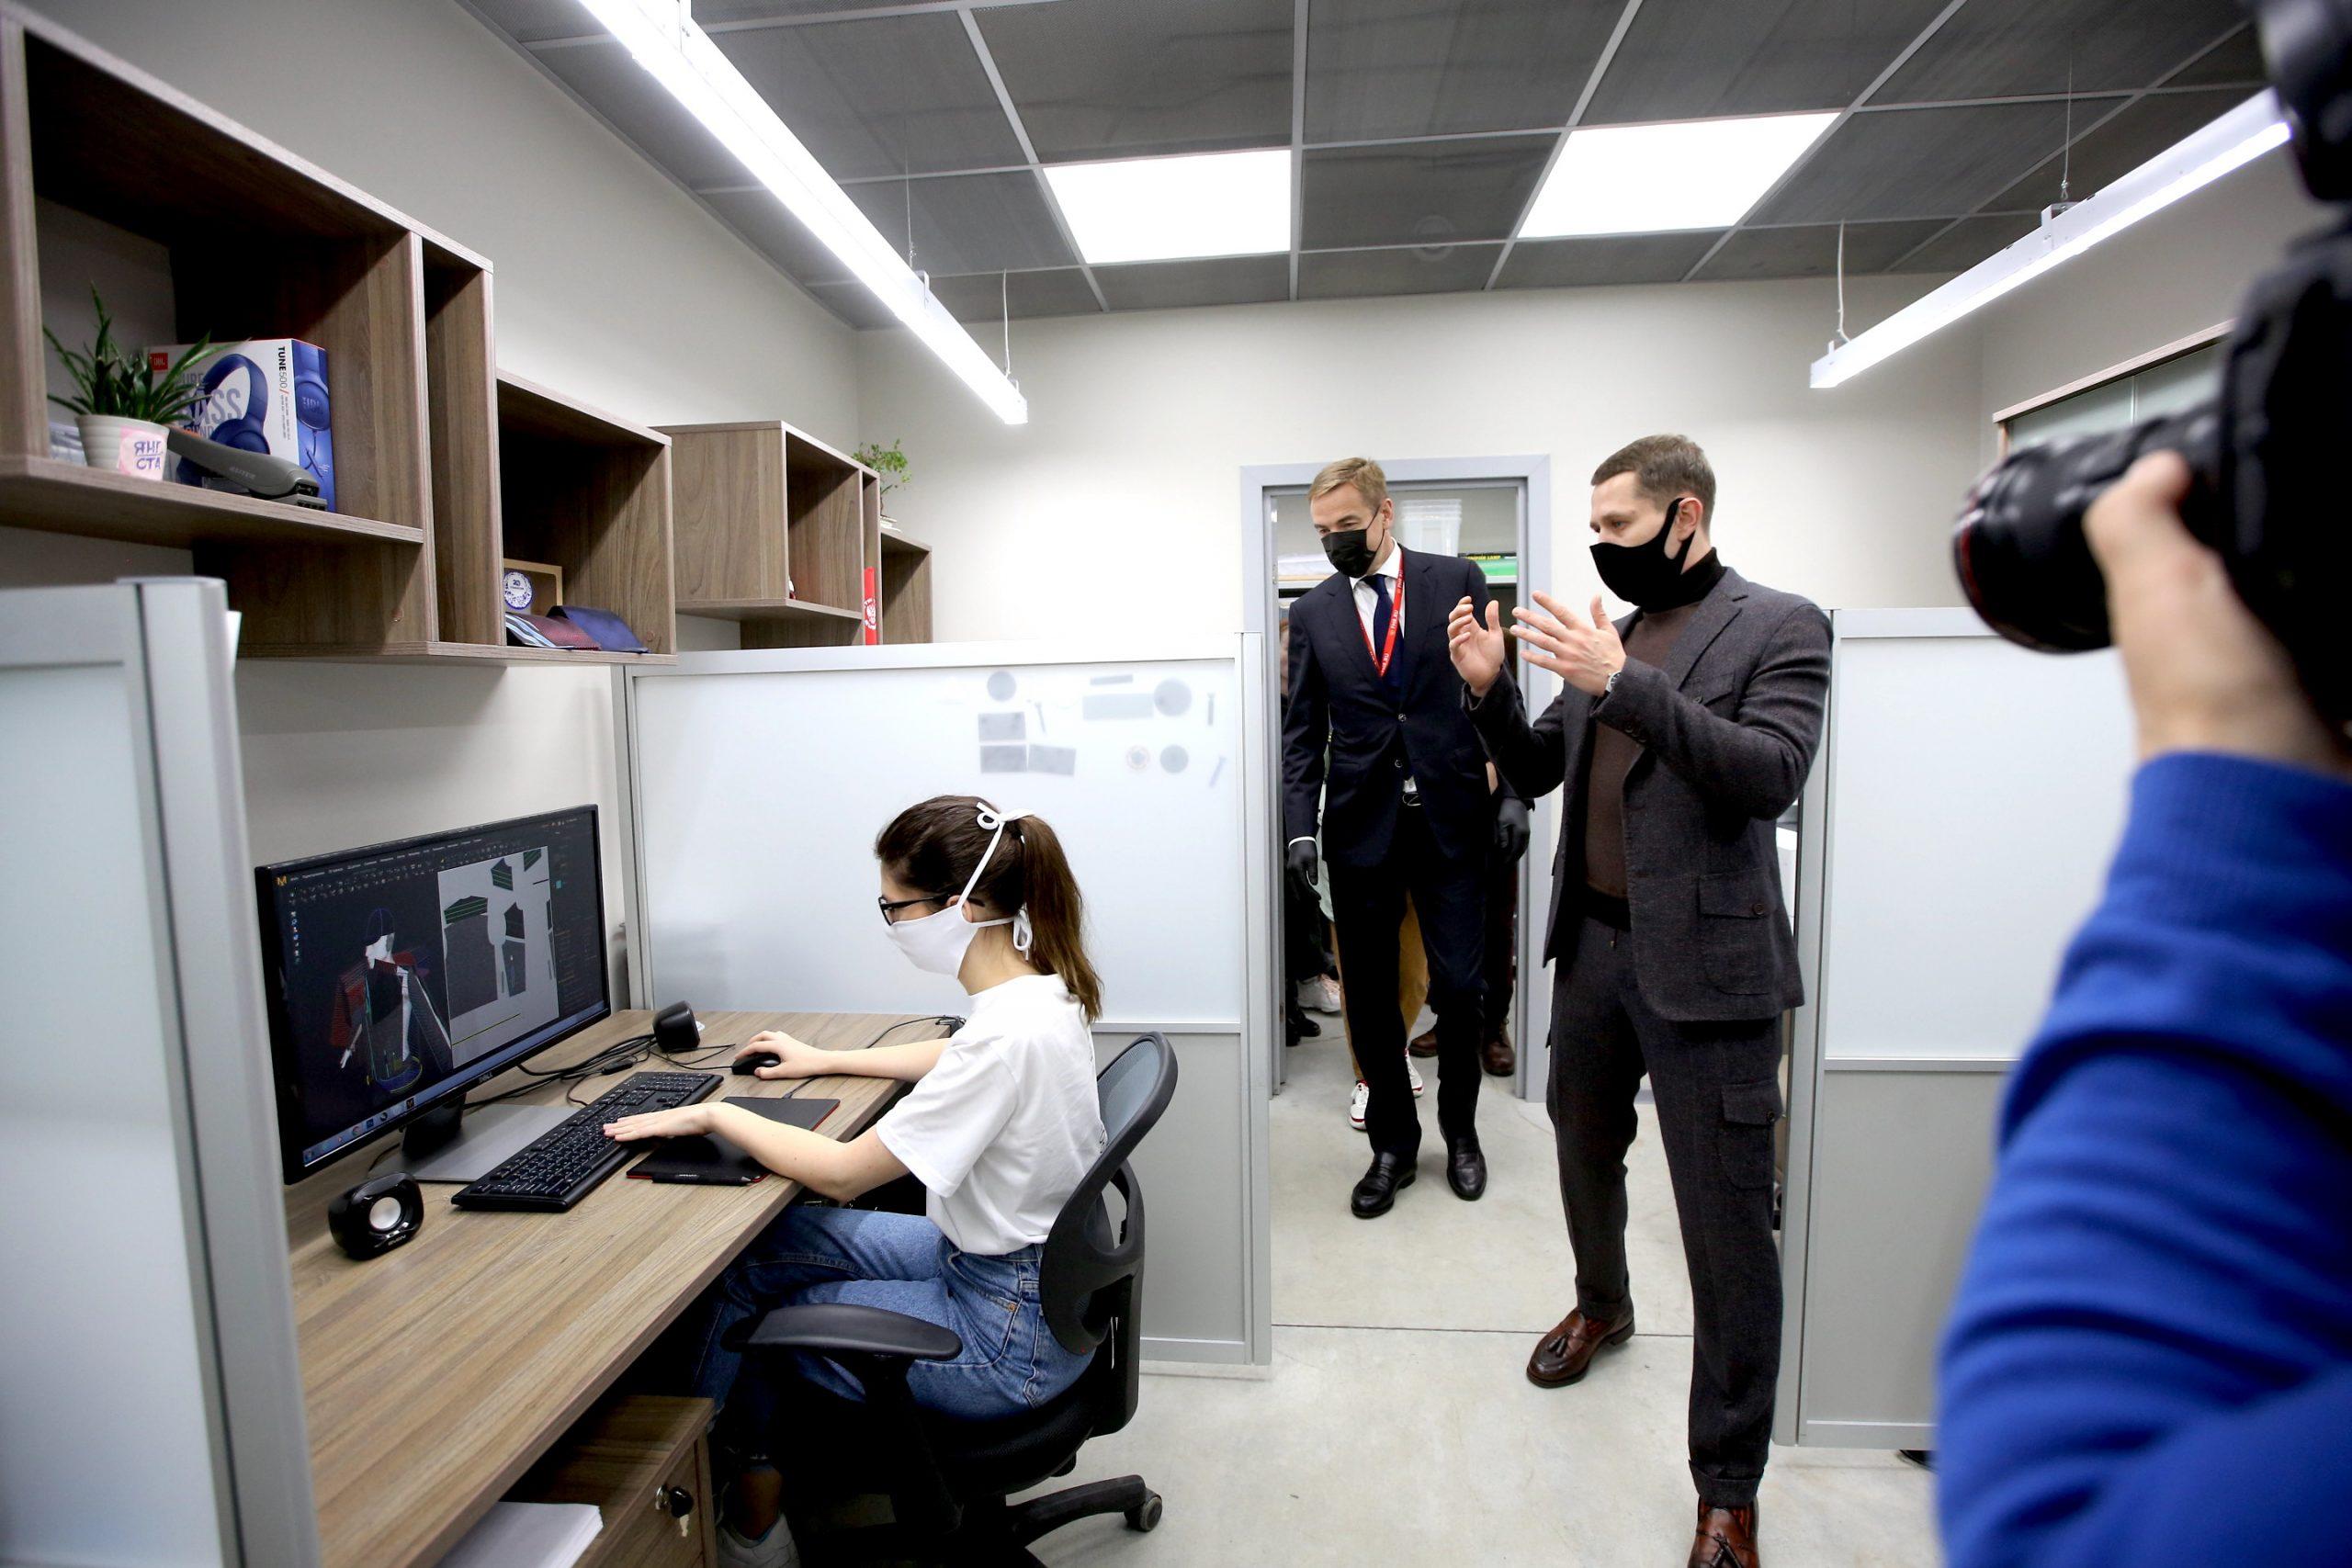 Виктор Евтухов посетил цифровую фабрику  «SHISHKIN uniform atelier» в Екатеринбурге